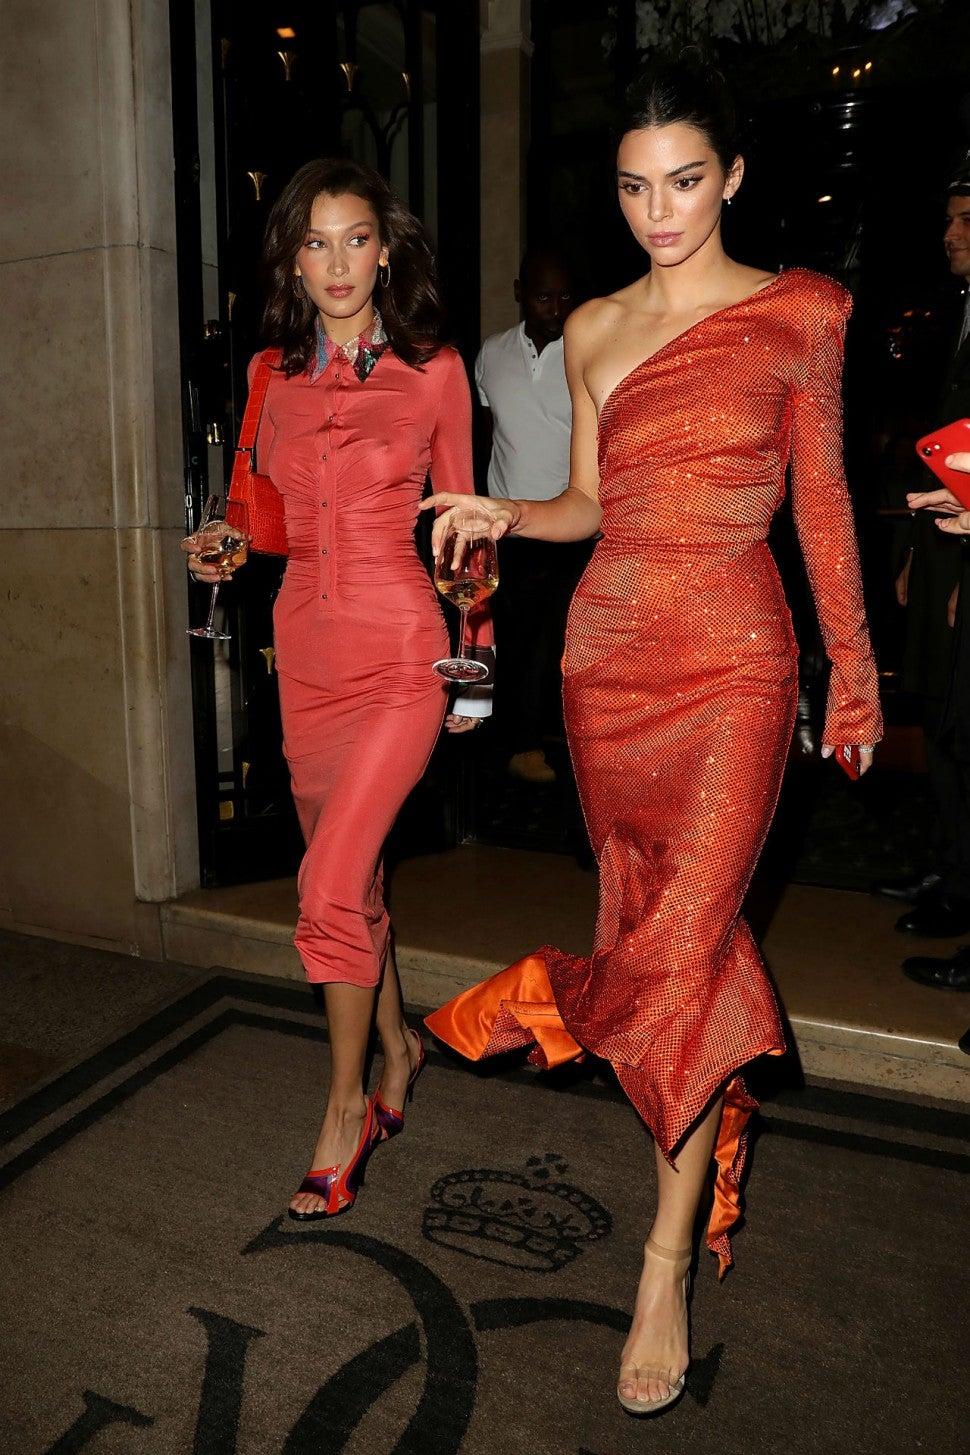 Mặc đẹp như Bella Hadid và Kendall Jenner với đầm đỏ ôm sát